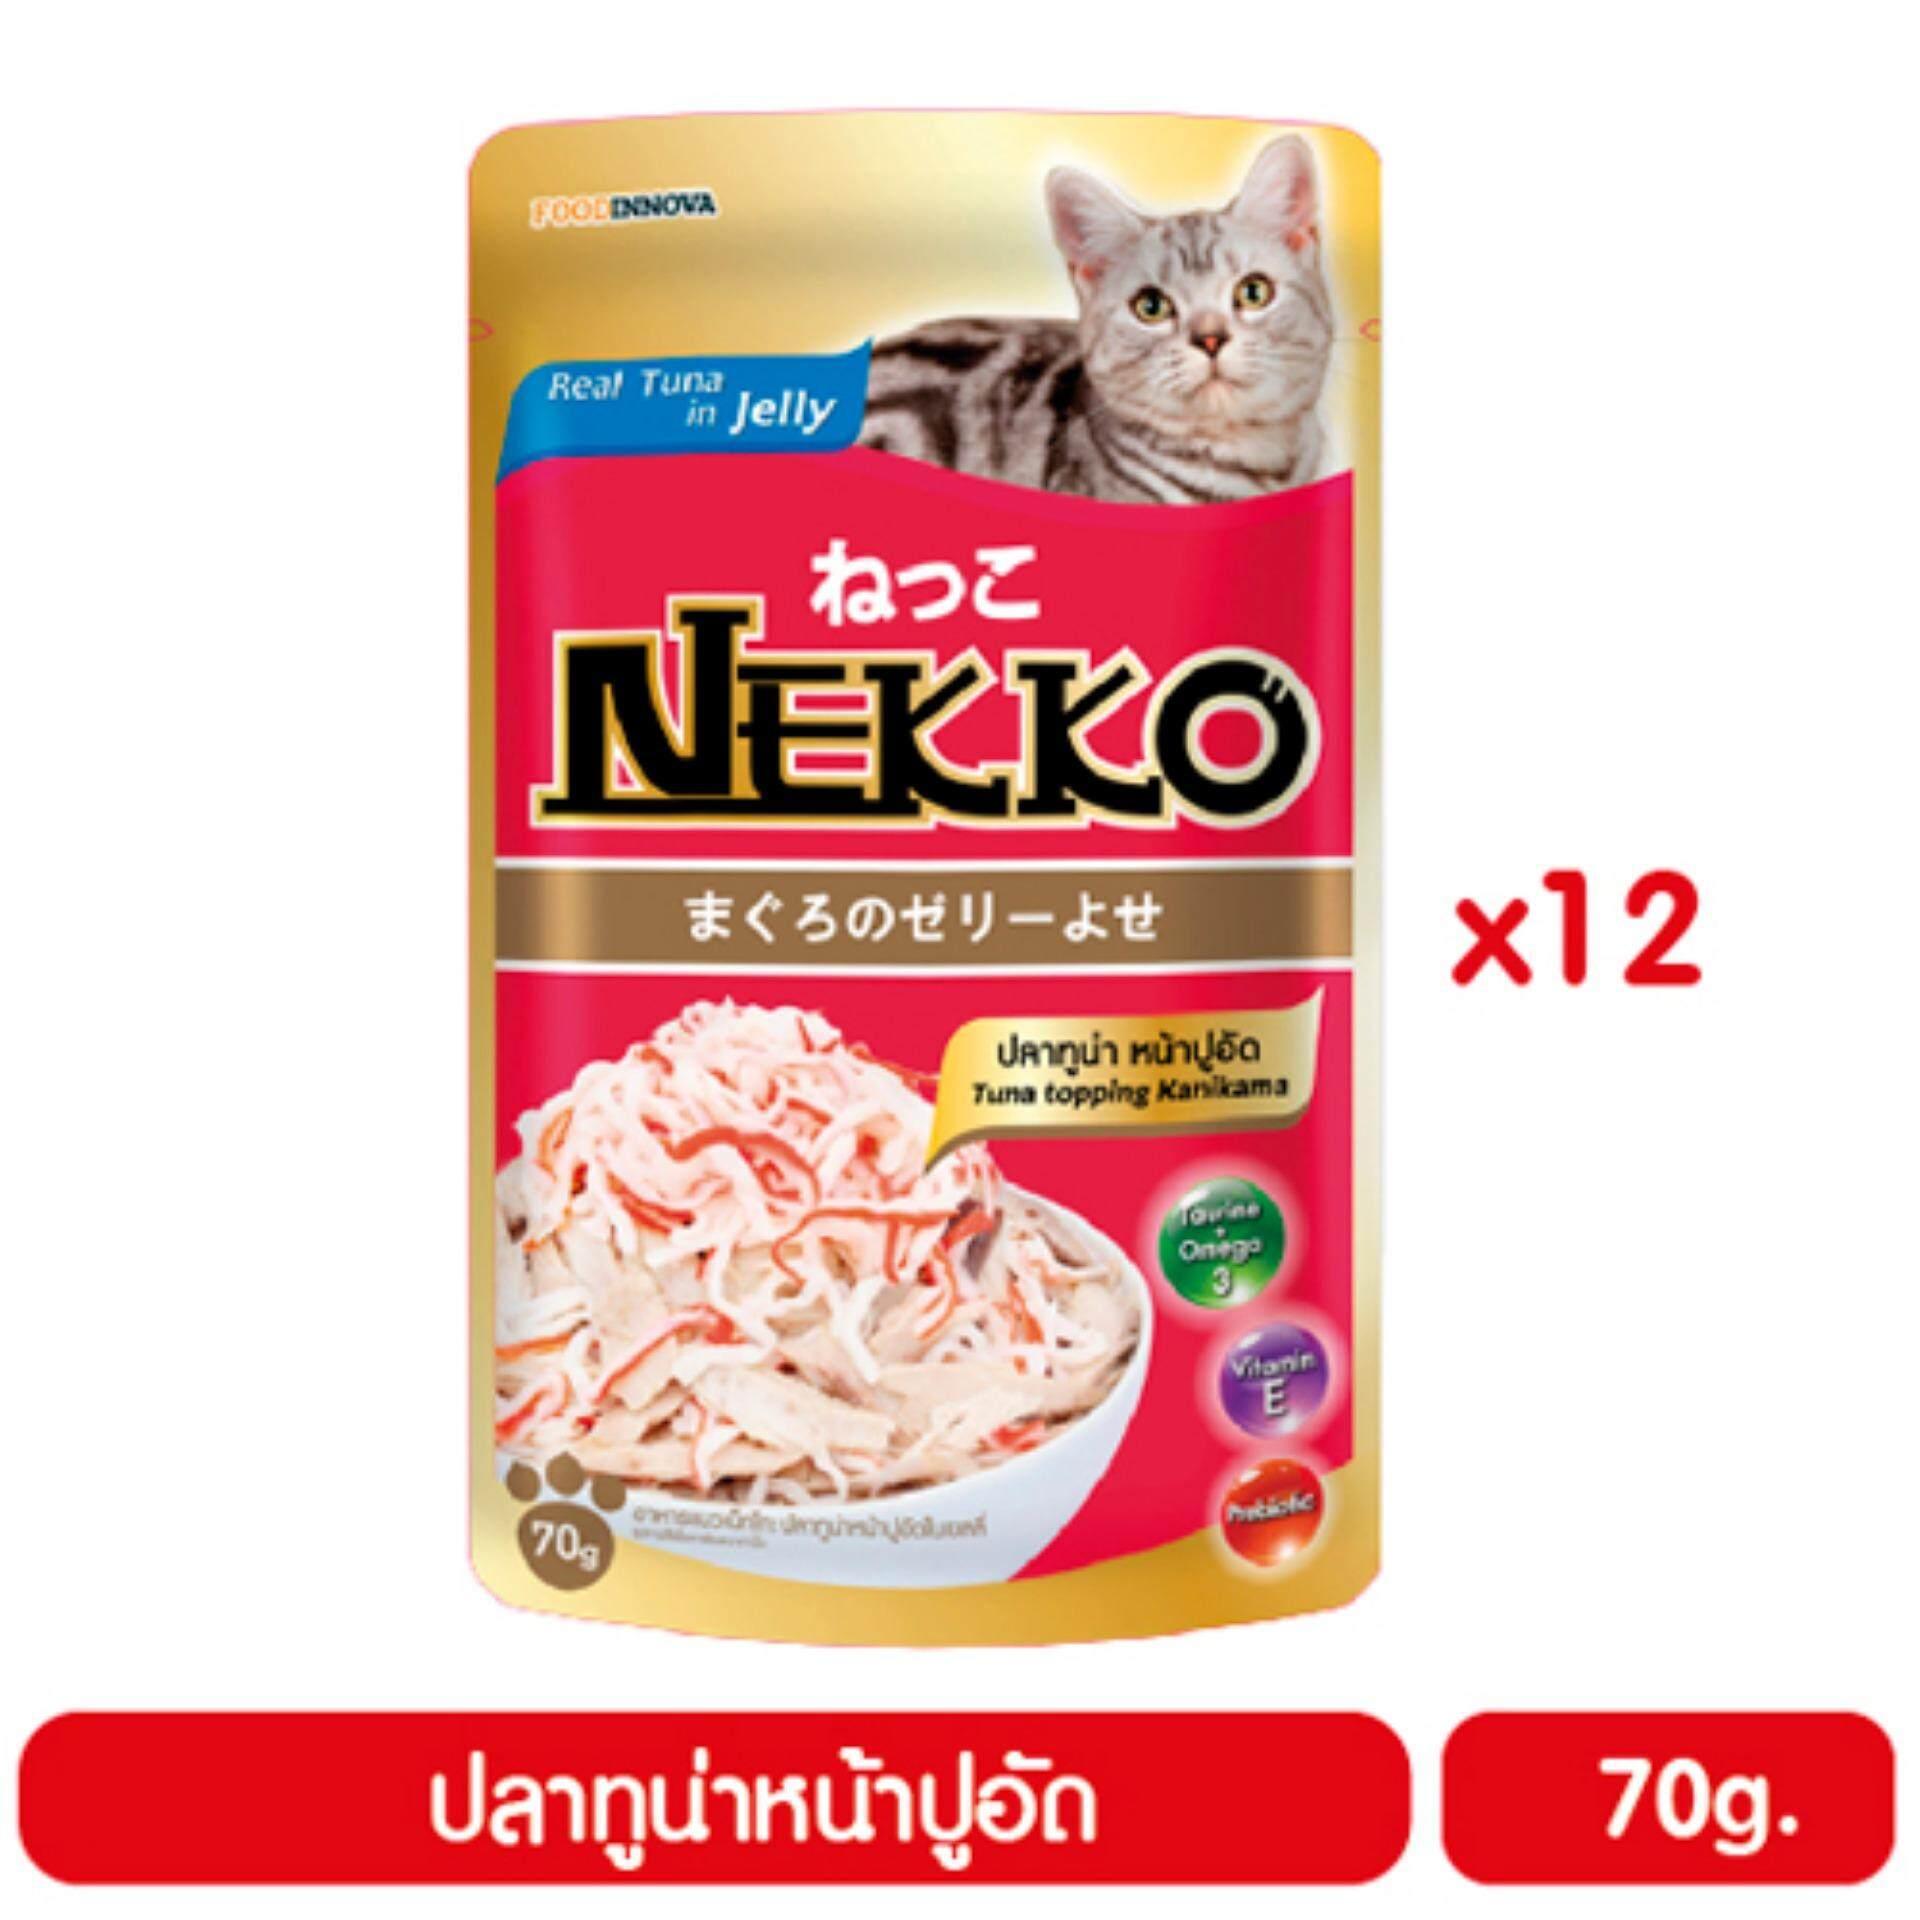 Nekko อาหารแมวเน็กโกะ ปลาทูน่าหน้าปูอัด 70 g. x 12 ซอง